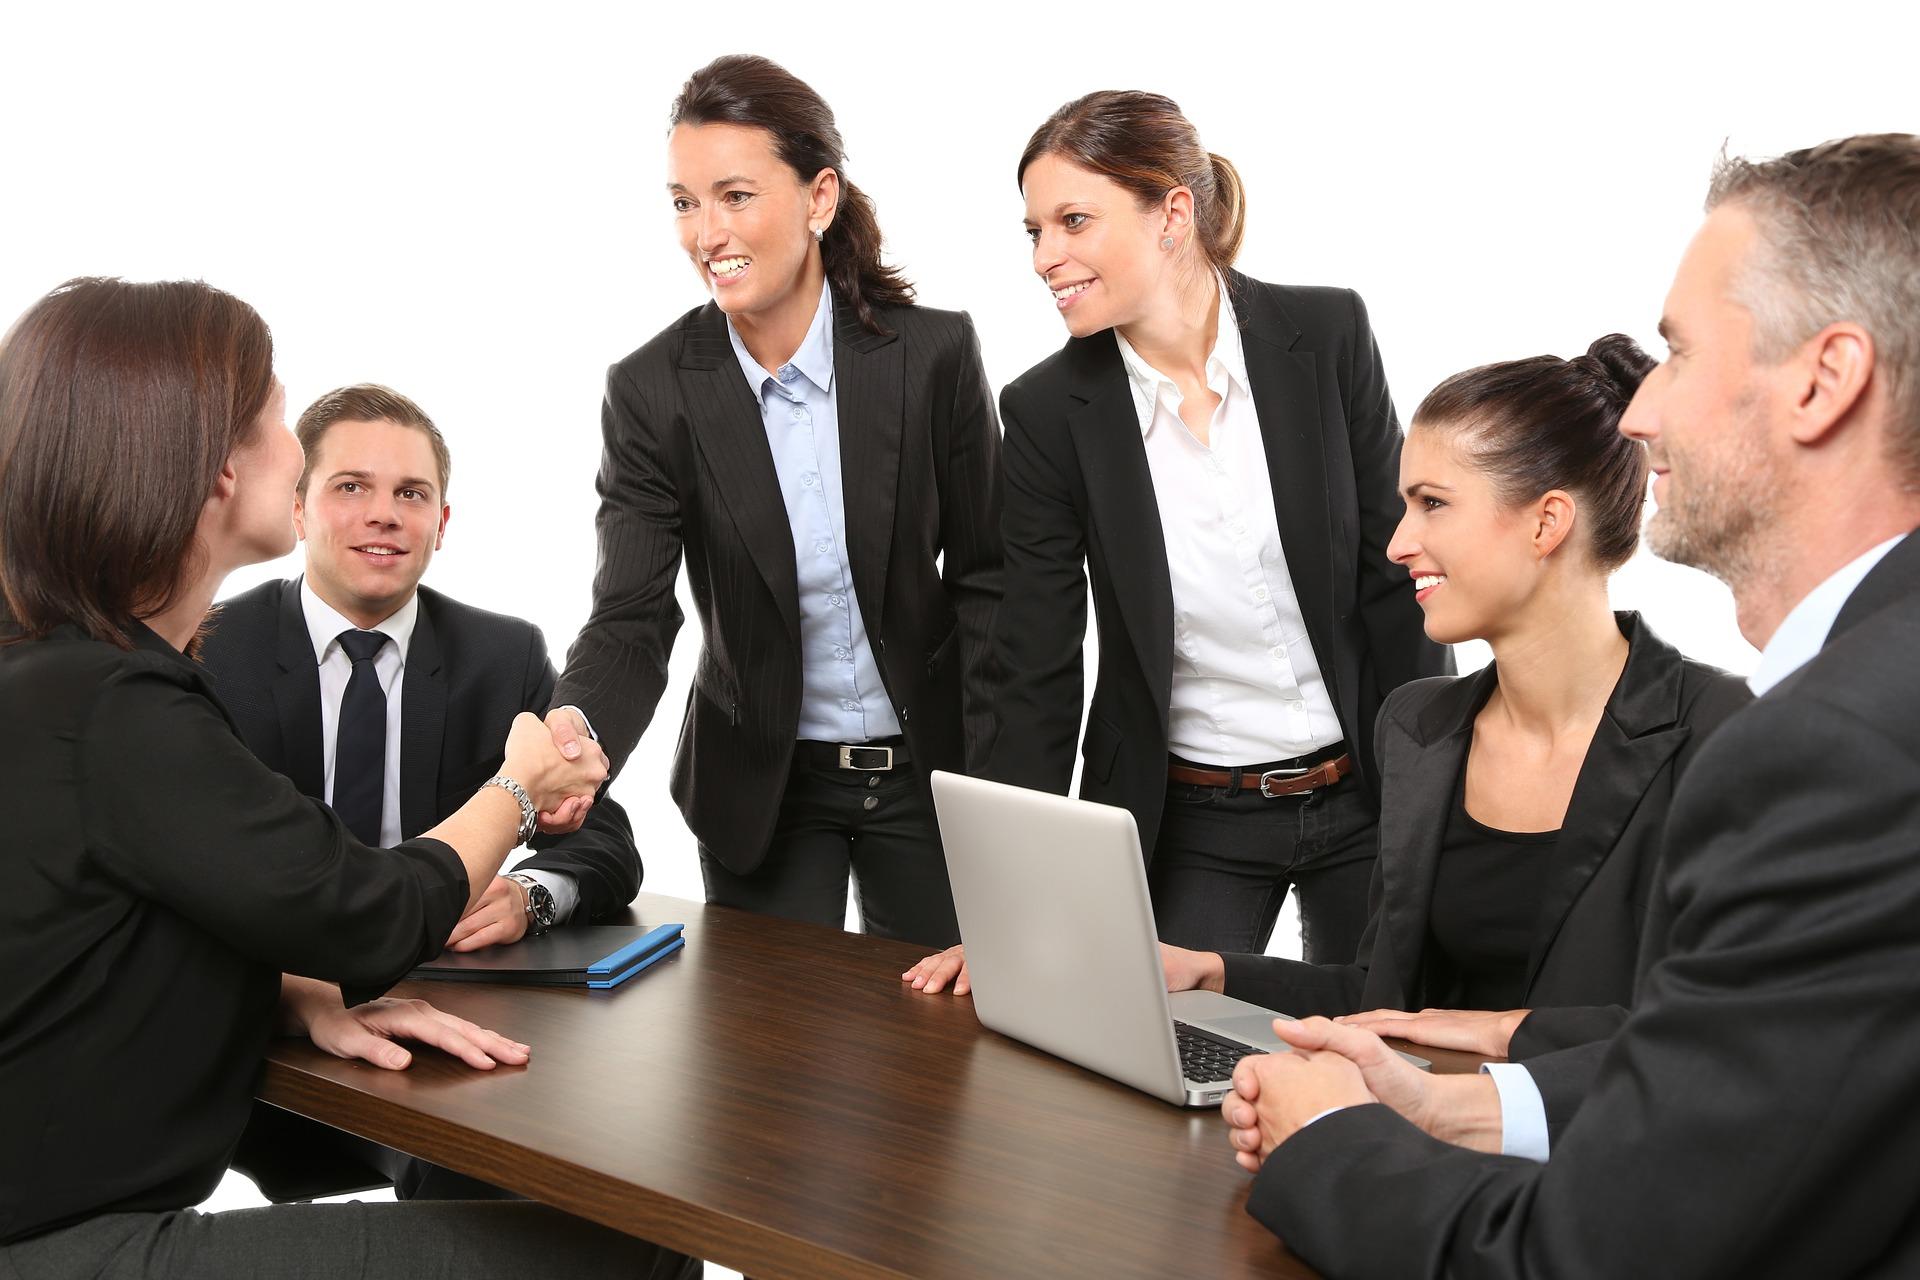 הטבות לעובדים: אילו הטבות שוות תוכלו להעניק לעובדים שלכם?